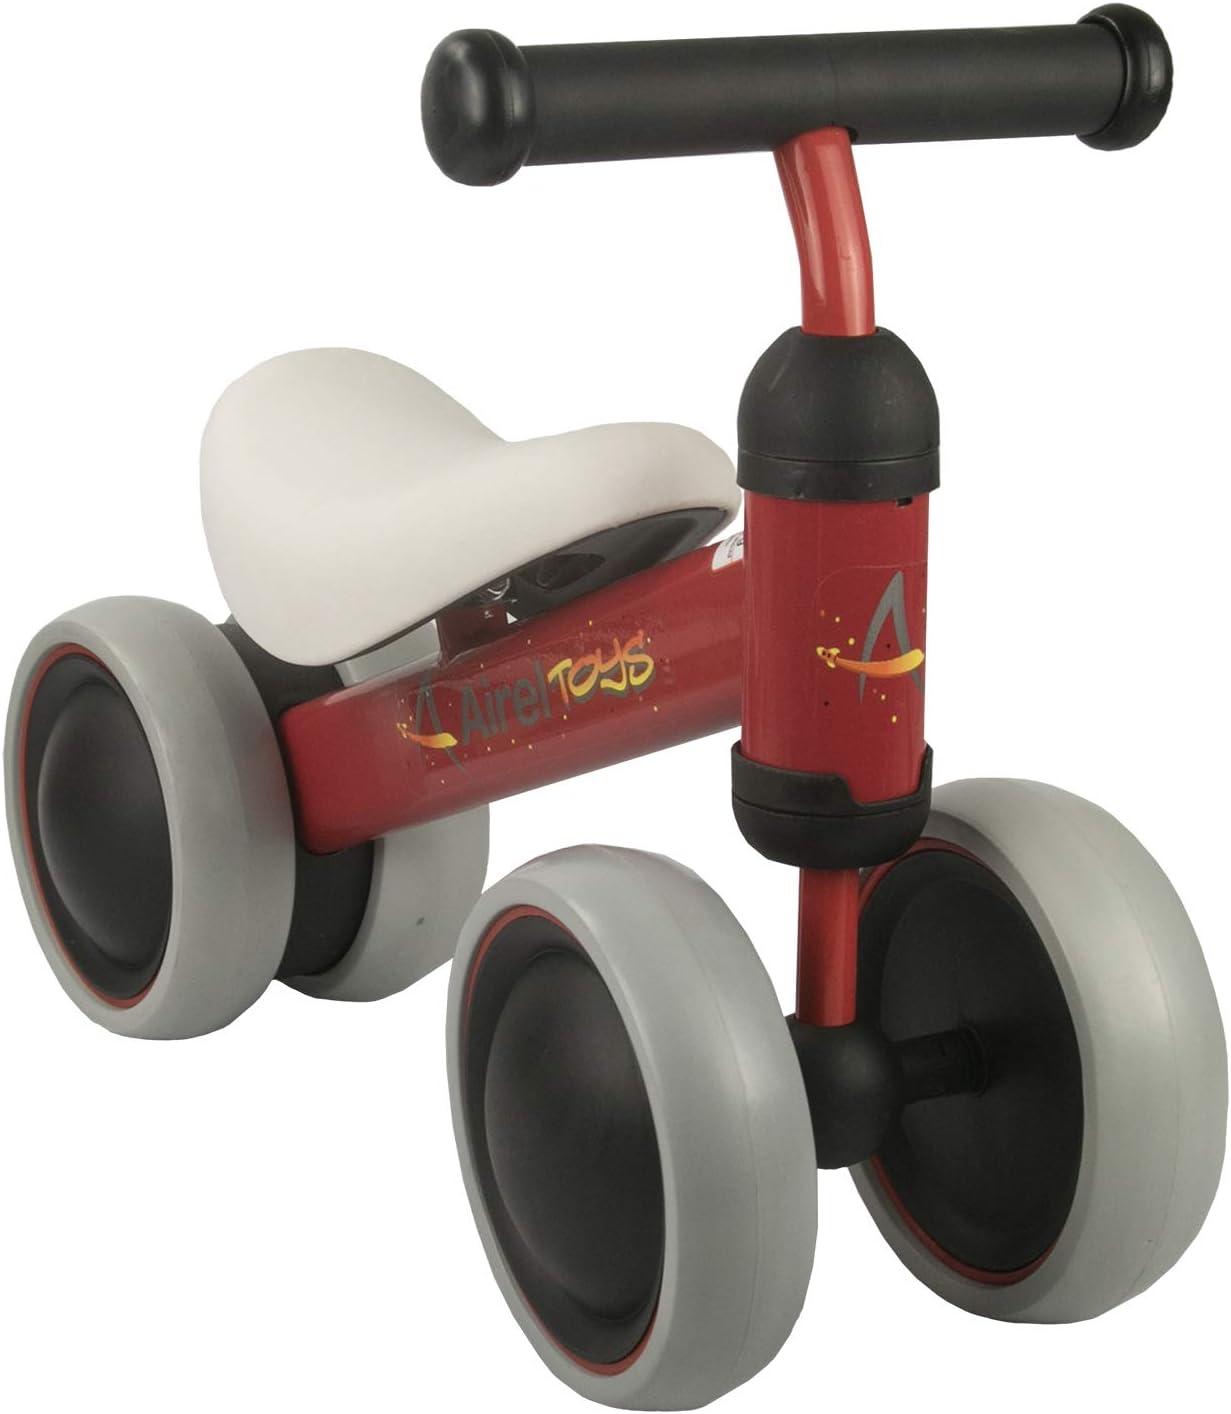 Airel Triciclo Sin Pedales | Correpasillos Bebé | Triciclo Sin Pedales Bebé | Triciclo Sin Pedales | Triciclo Sin Pedales Infantil | De 1 a 3 años